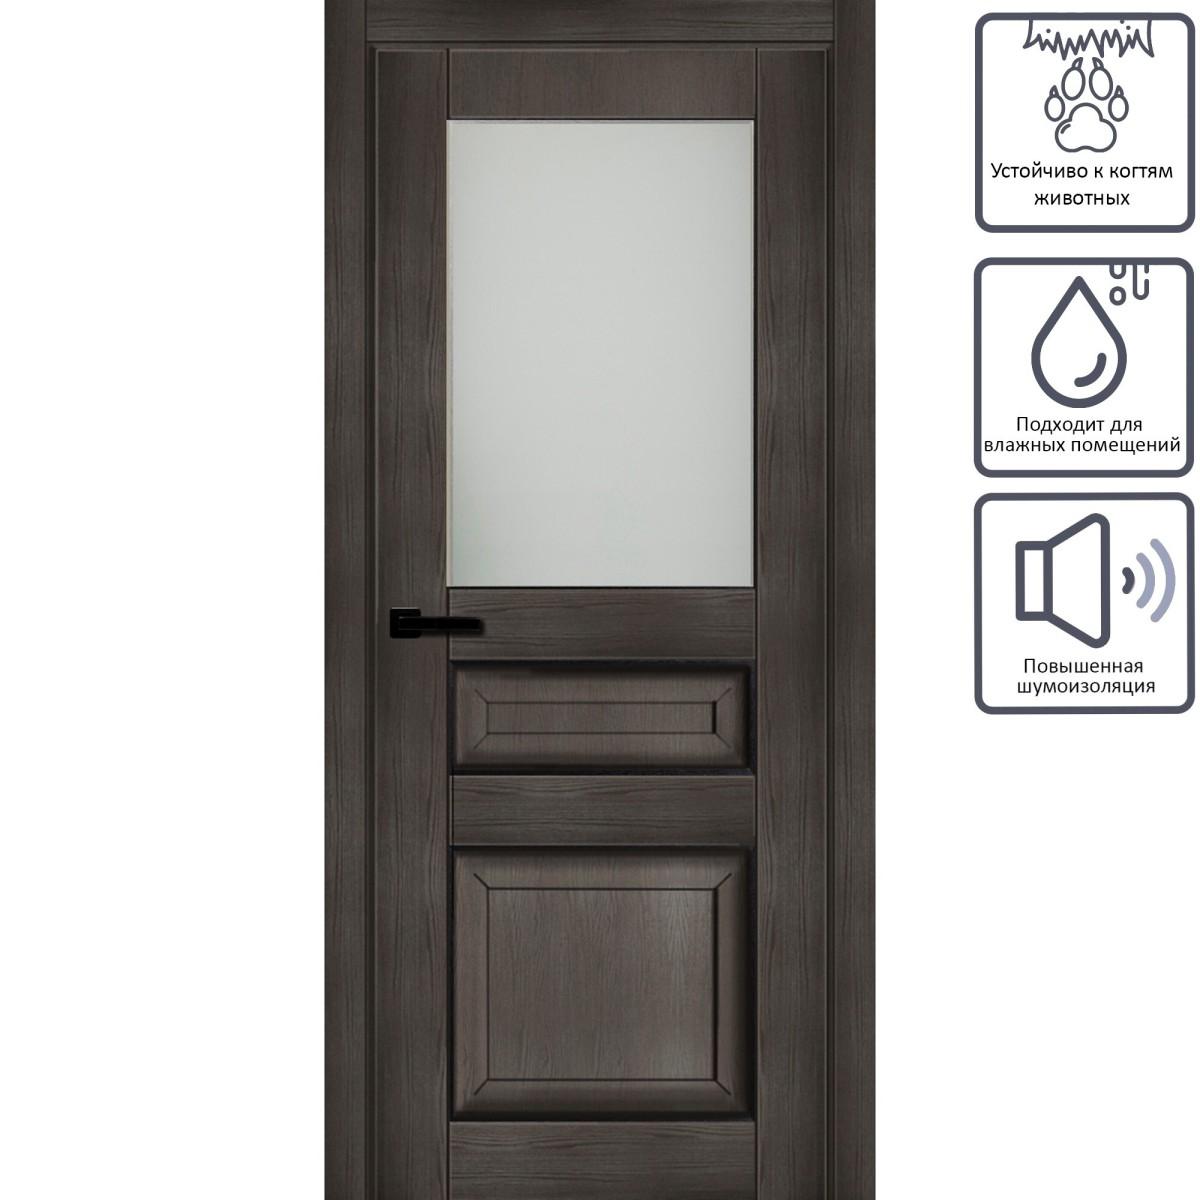 Дверь Межкомнатная Глухая С Замком В Комплекте Дерби 2100x600 Cpl Цвет Дуб Чёрный